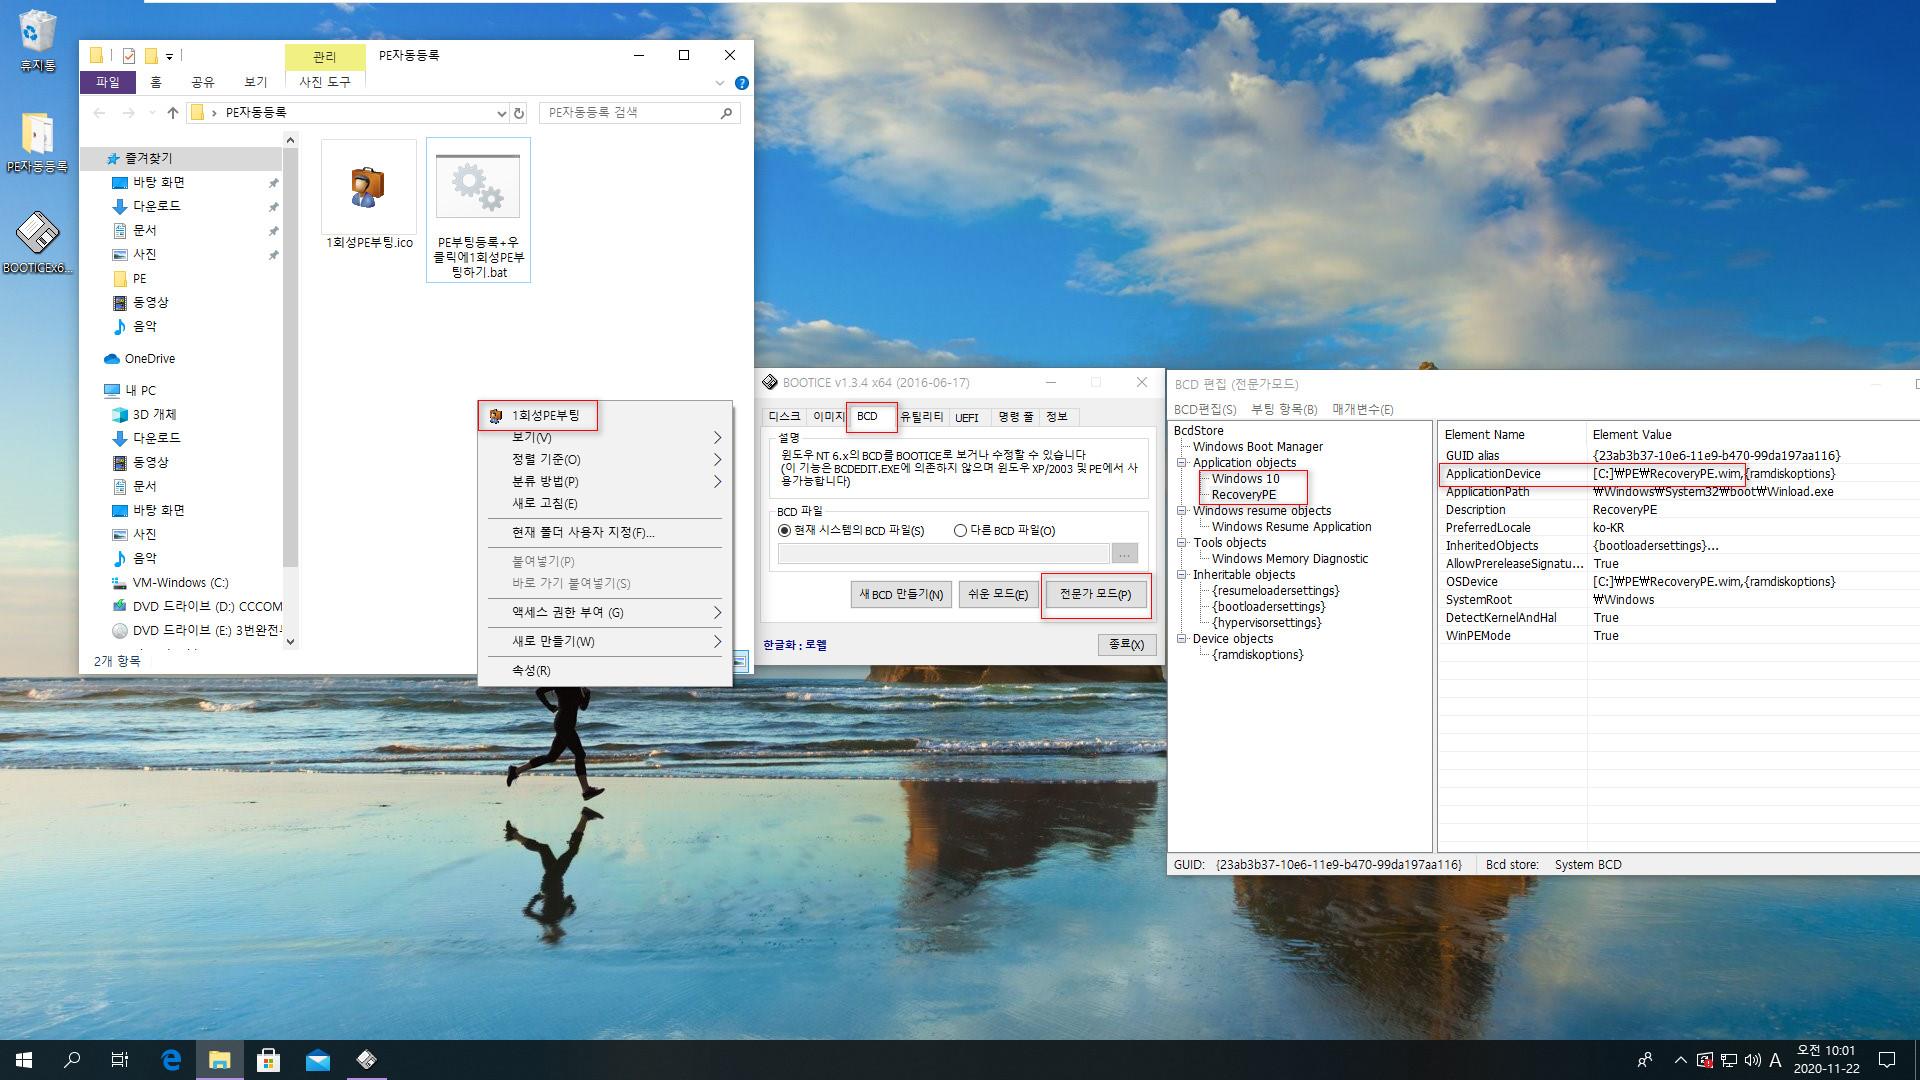 PE부팅등록+우클릭에1회성PE부팅하기.bat 테스트 - 우클릭으로만 PE 부팅하시는 방법 - displayorder로 부팅 메뉴에 등록하지 않으시면 됩니다 2020-11-22_100147.jpg